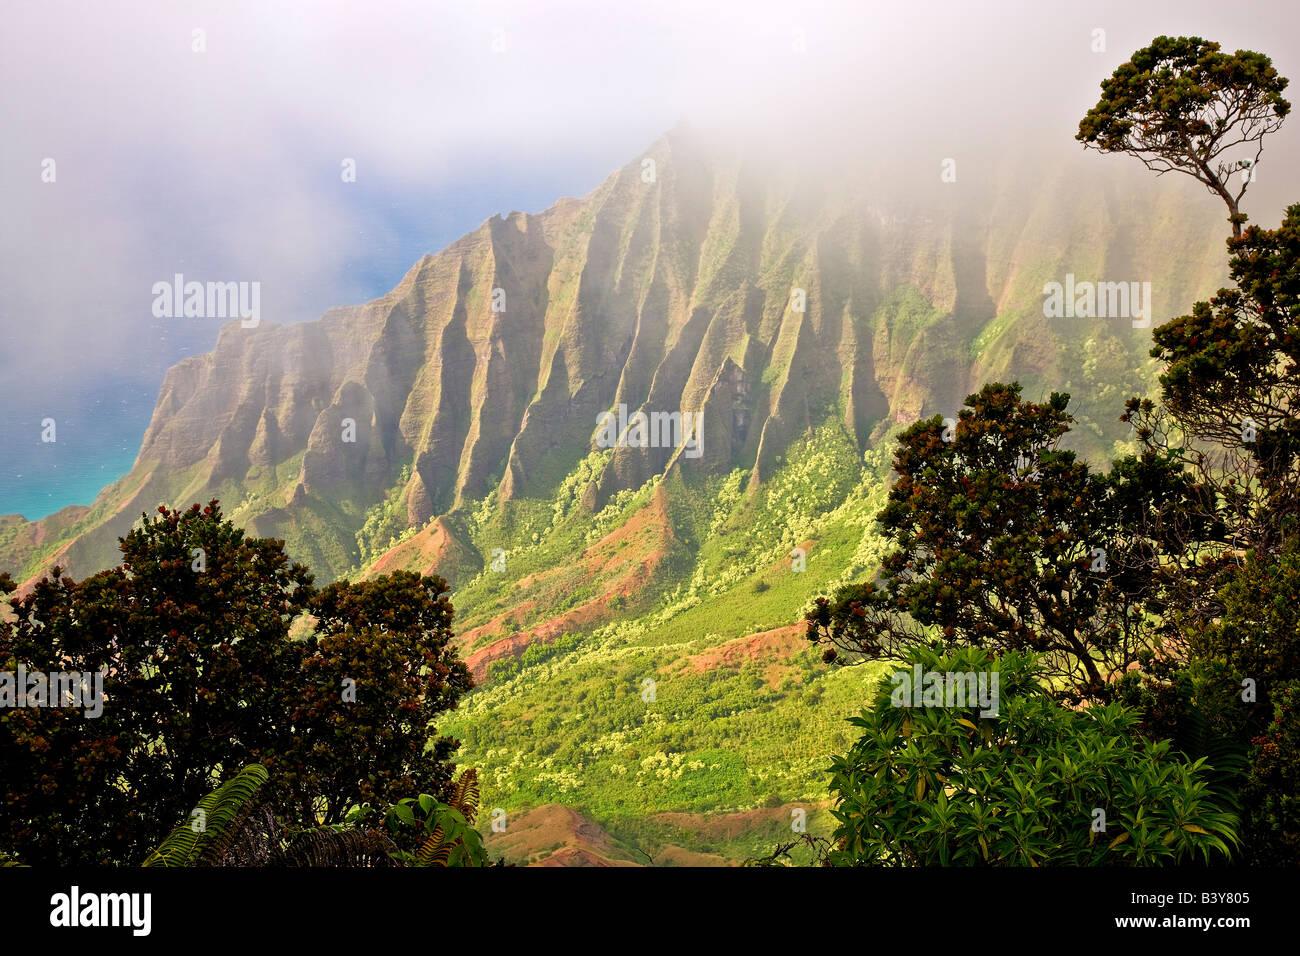 Kalalau Valley with fog Koke e State Park Waimea Canyon Kauai Hawaii - Stock Image